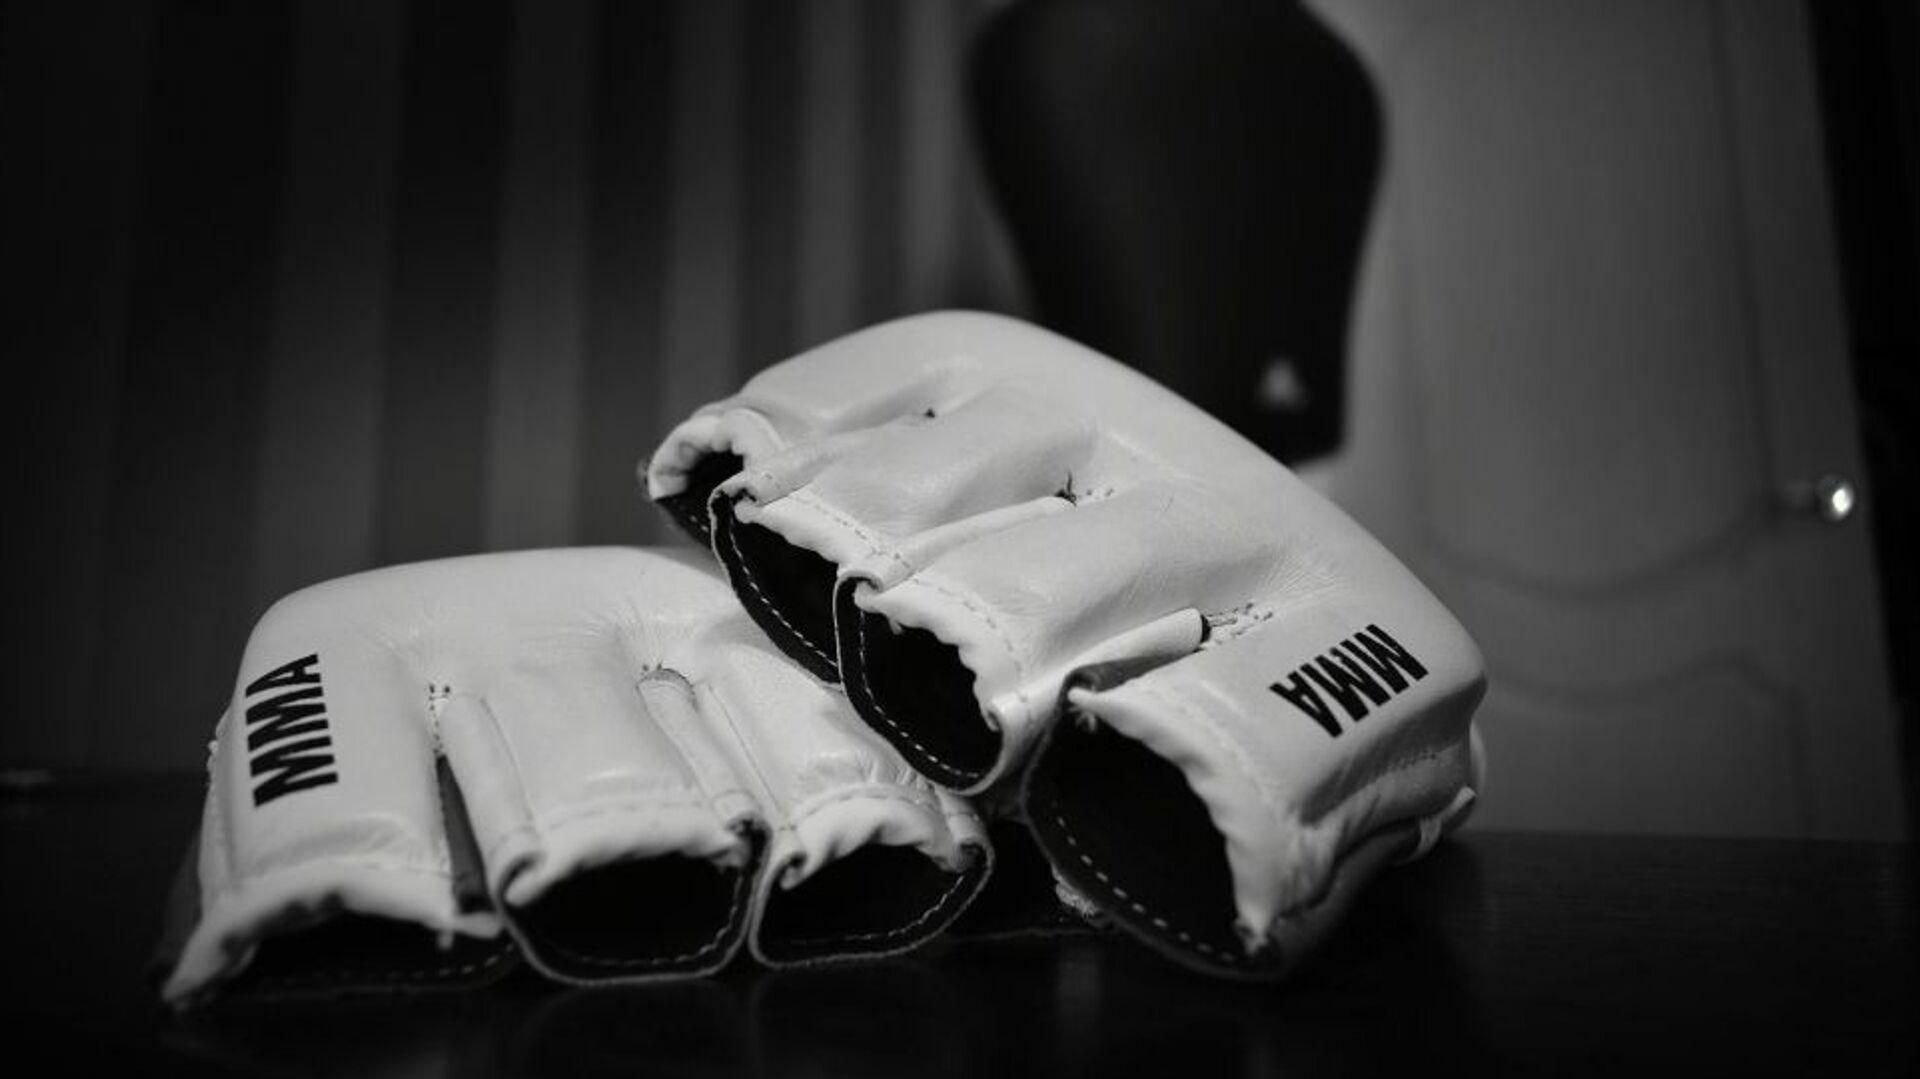 MMA - Sputnik Srbija, 1920, 13.09.2021